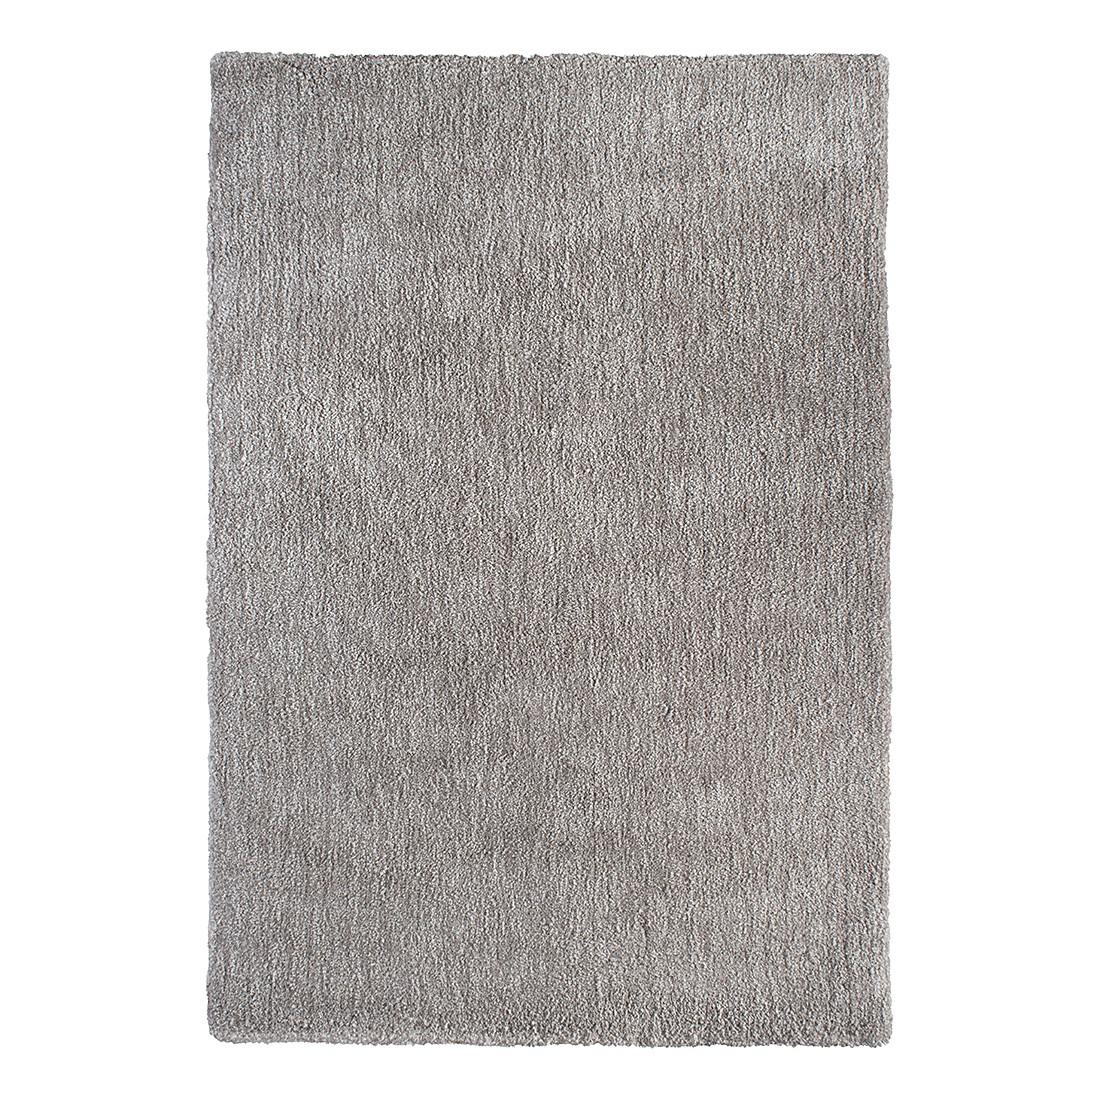 Teppich Touch – Beige / Grau meliert – 70 x 140 cm, barbara becker home passion günstig